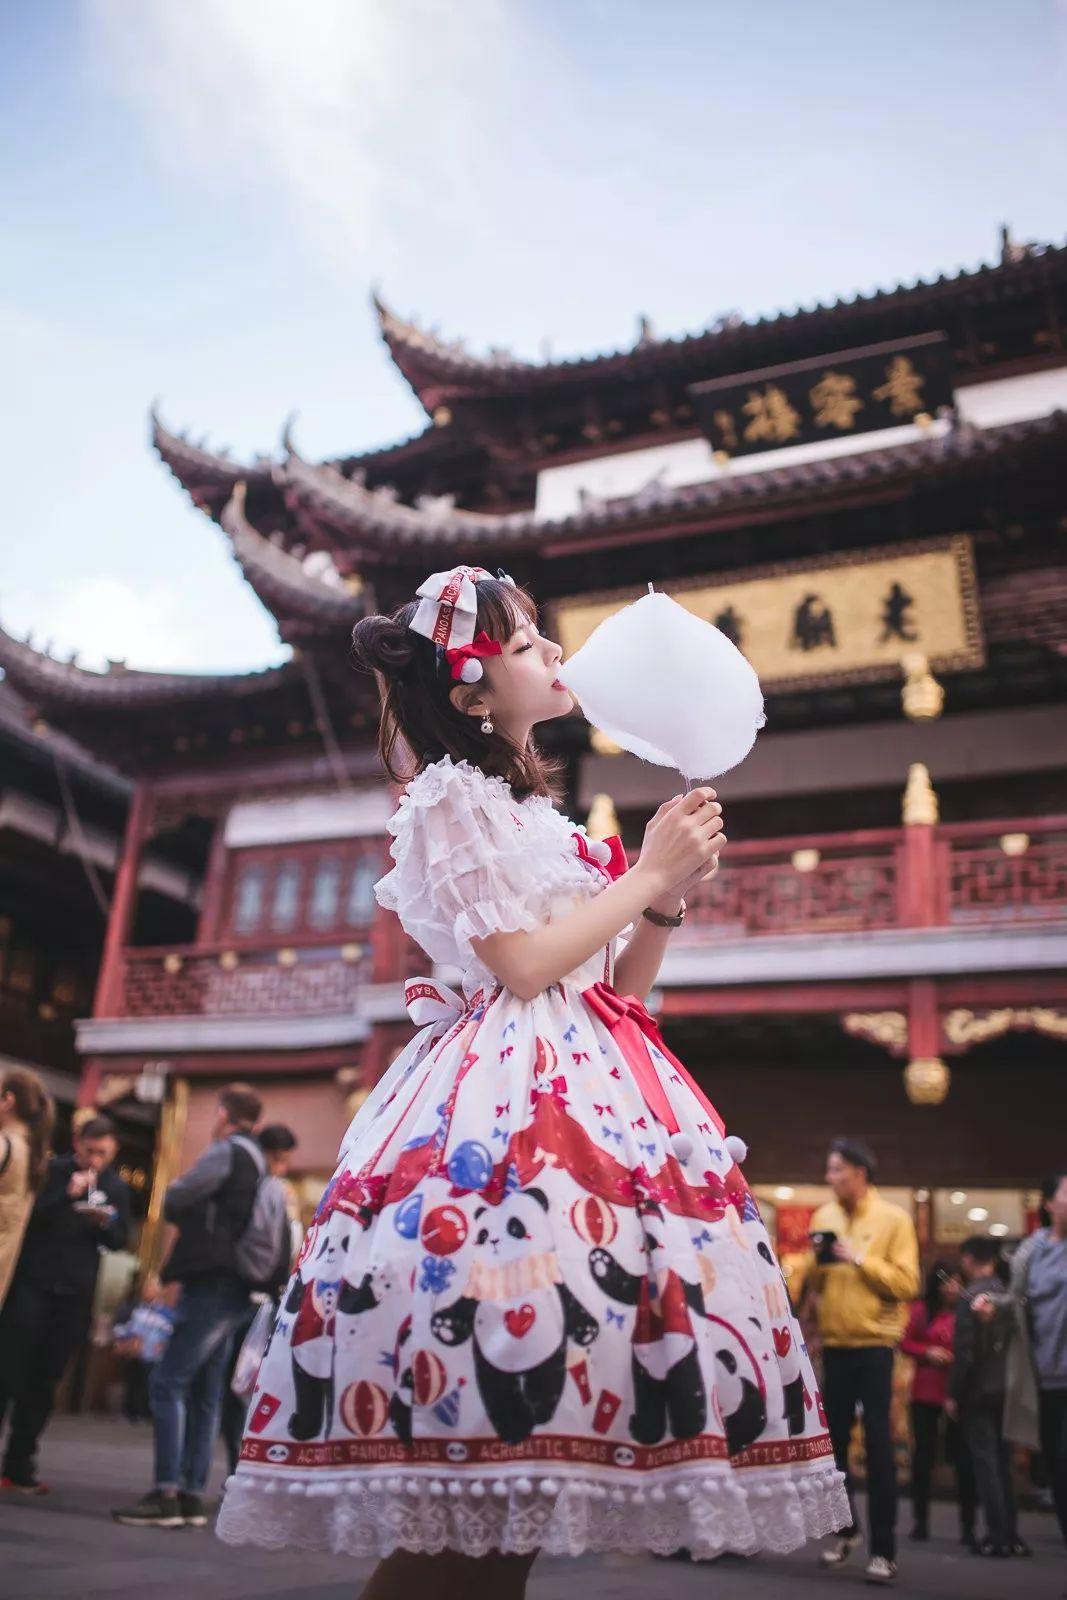 妹子摄影 – 鬼马精灵Lolita女孩@-谢安然-外出旅拍_图片 No.11